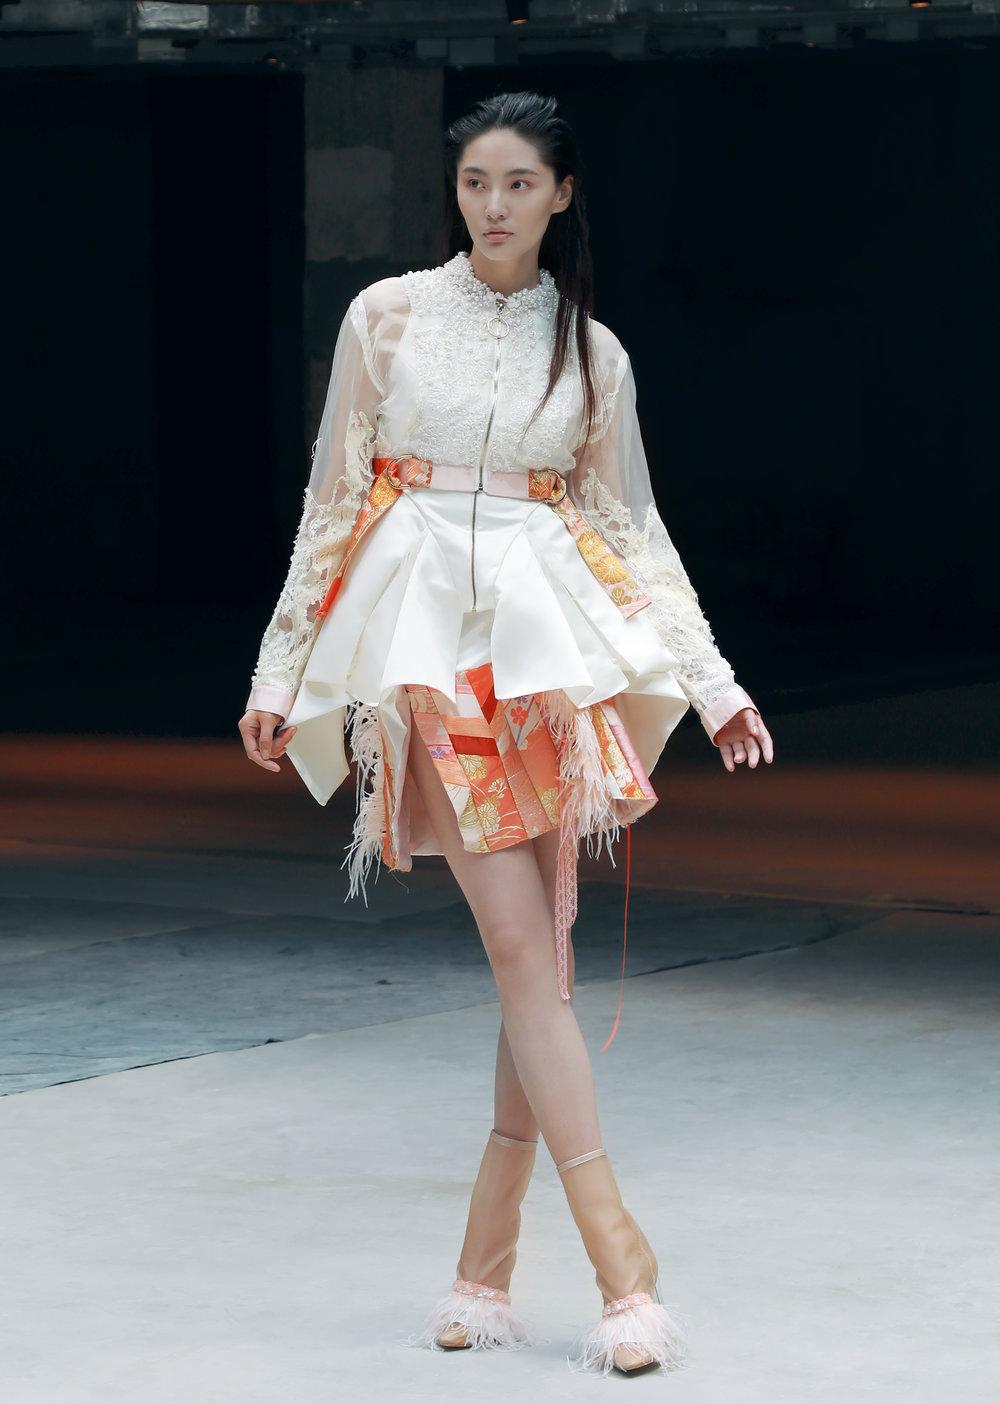 Hung Wei-Yu